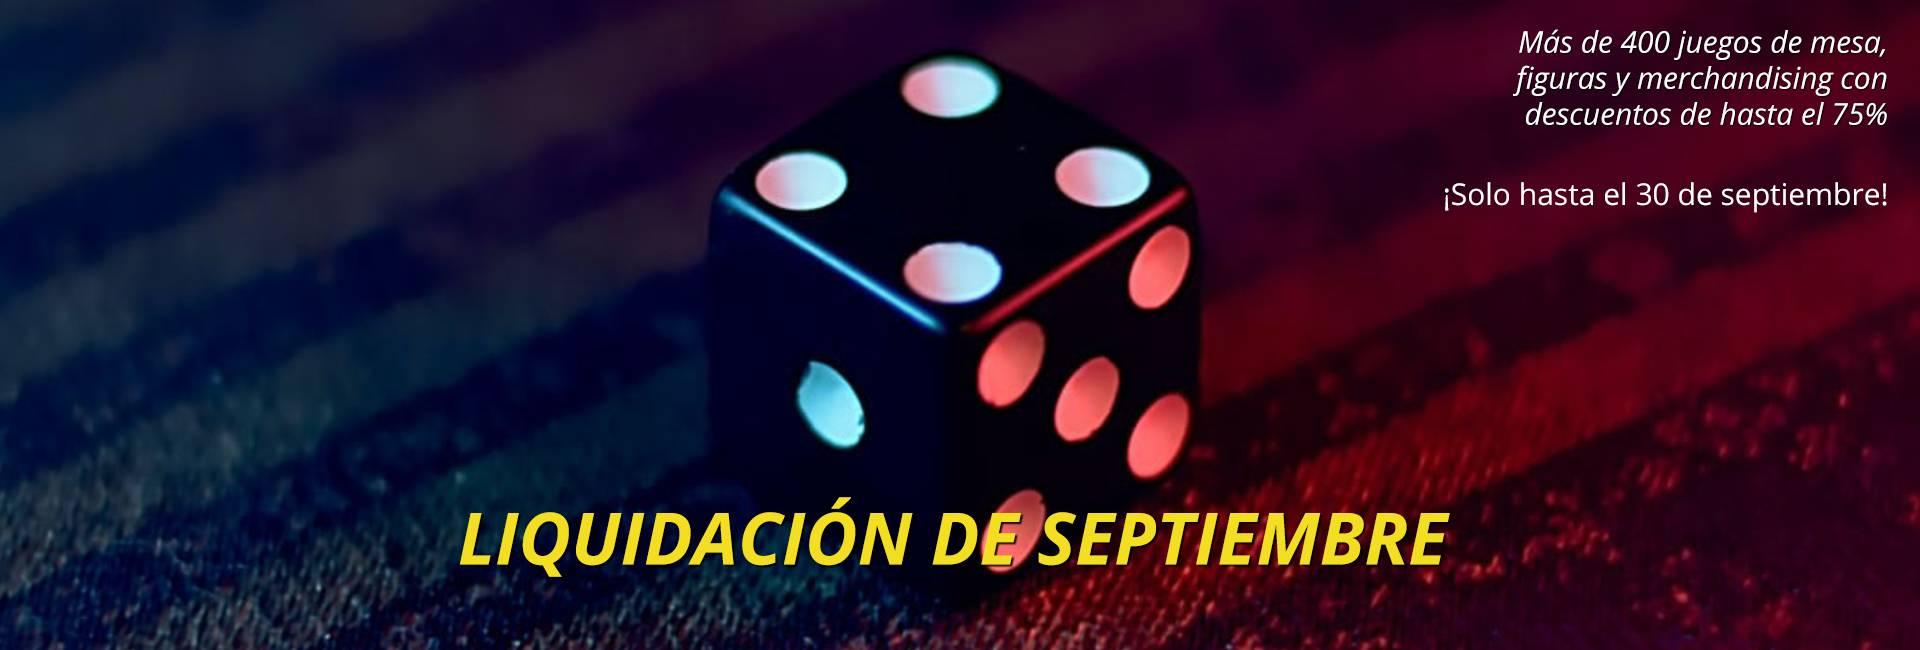 Liquidación Septiembre